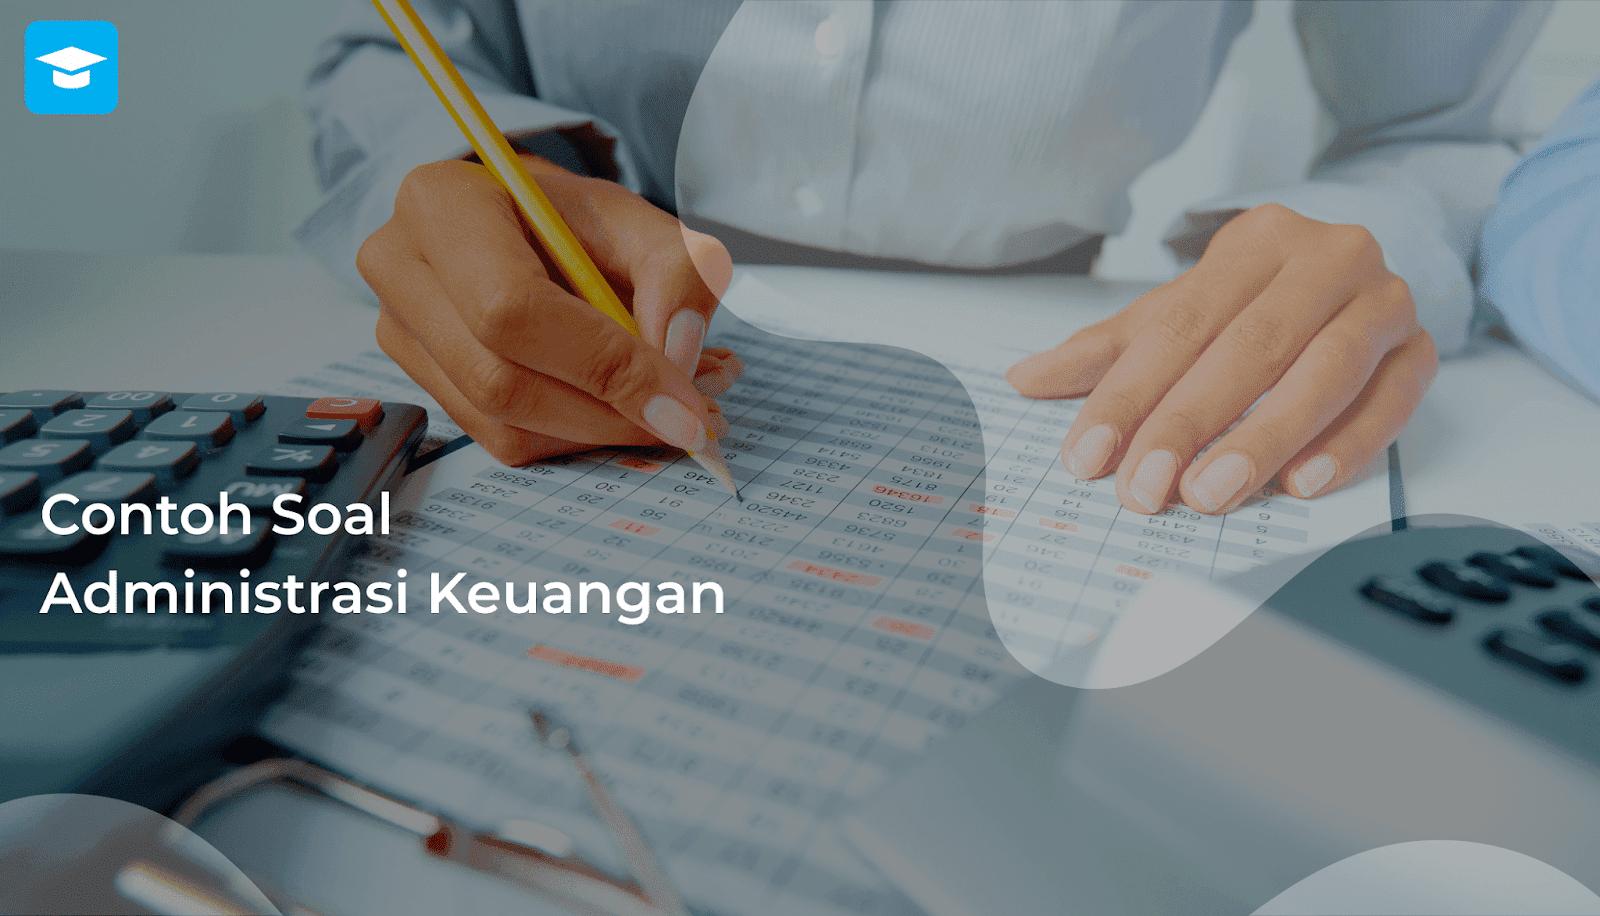 Soal Administrasi Keuangan